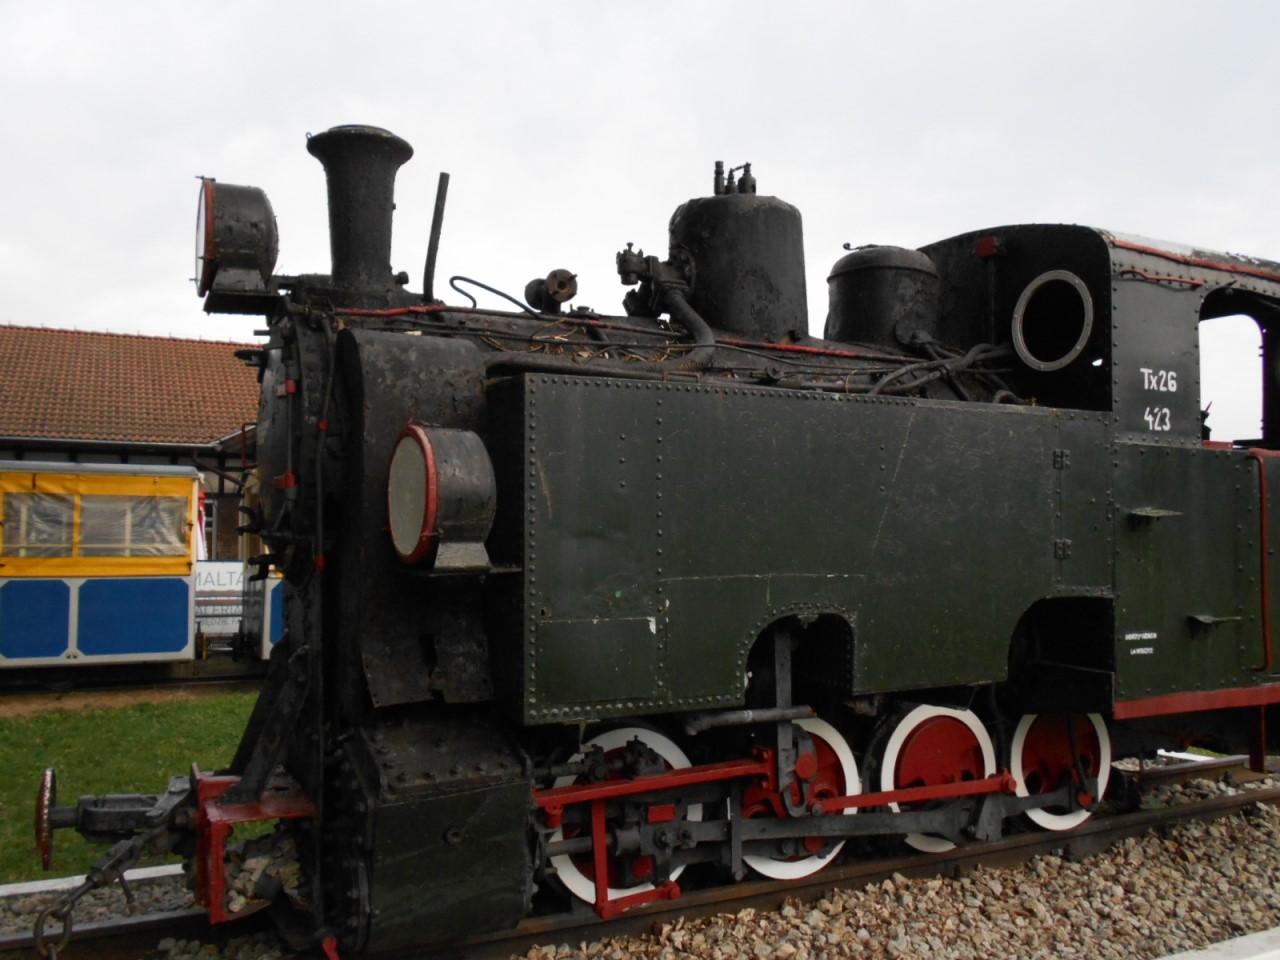 narrow gauge steam engine tx26